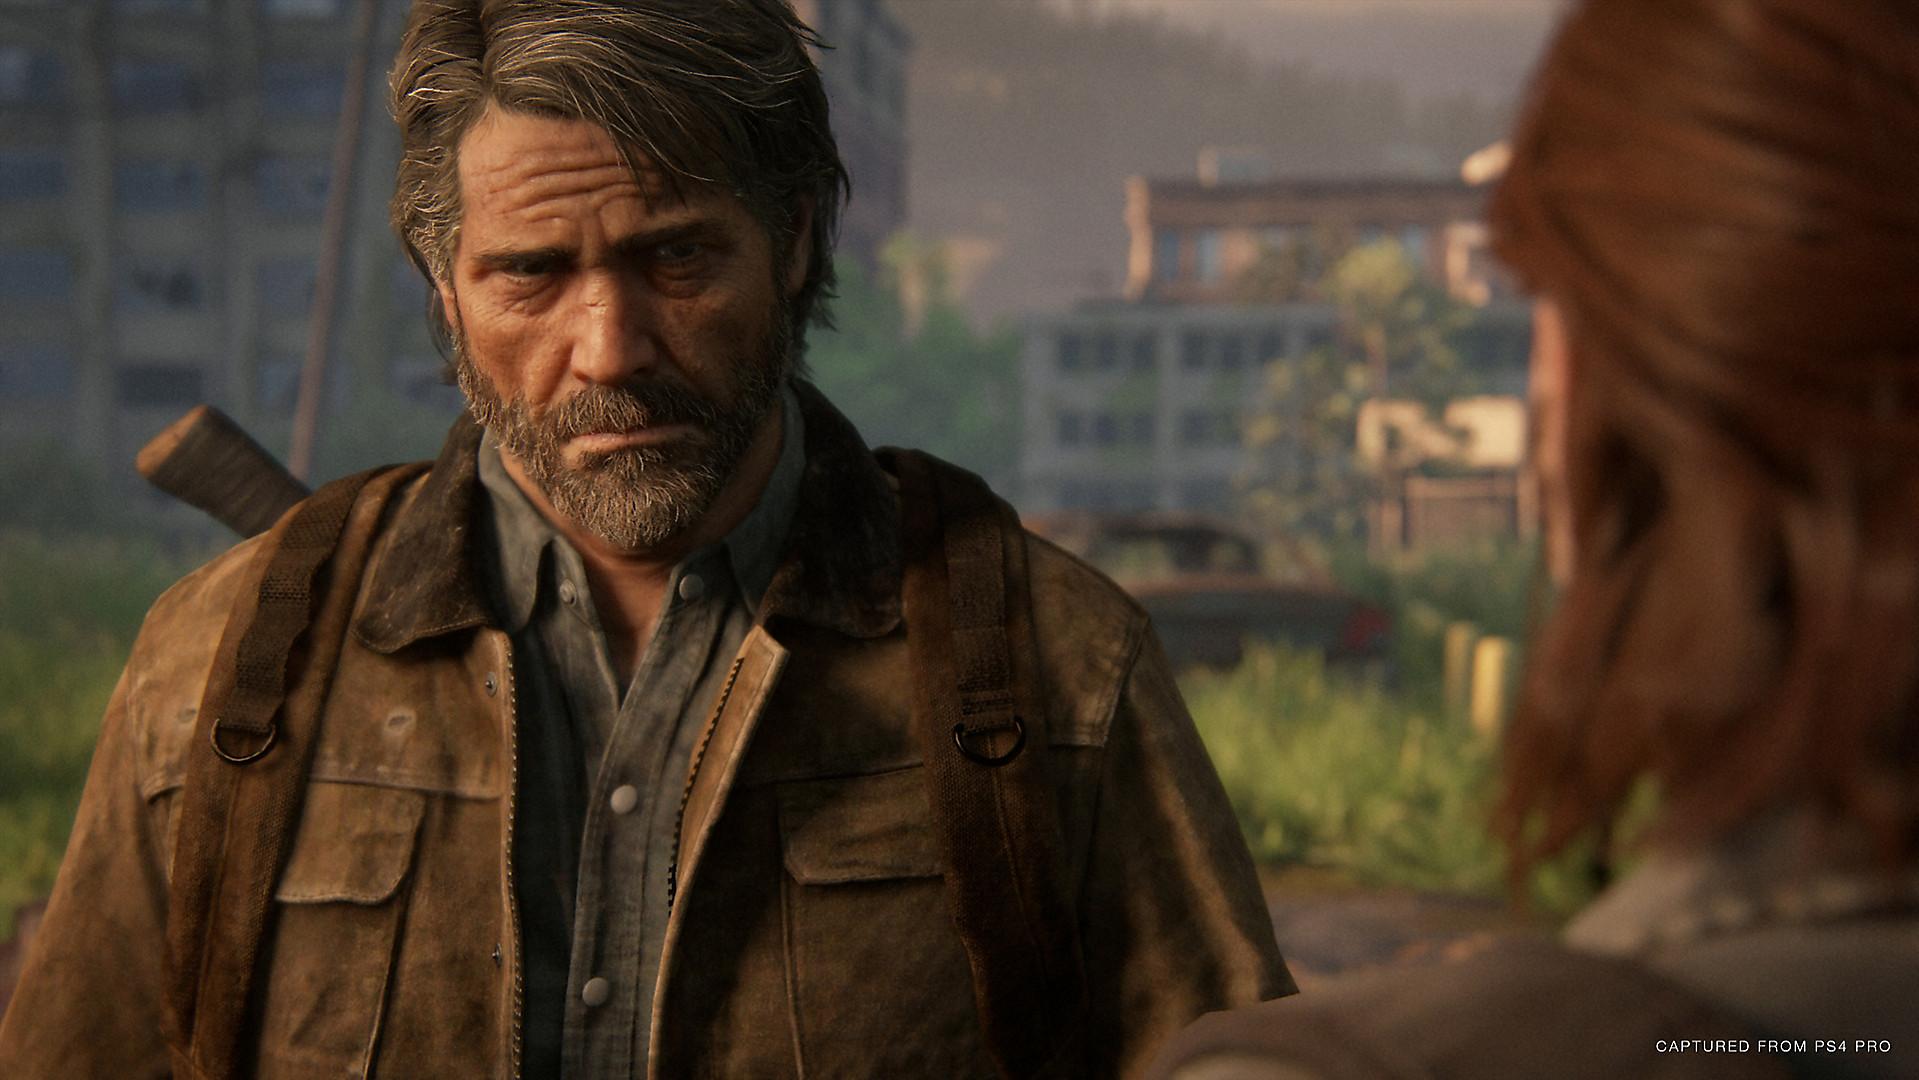 صورة The Last of Us 2 تحطم الرقم القياسي في جوائز BAFTA بـ13 ترشيح